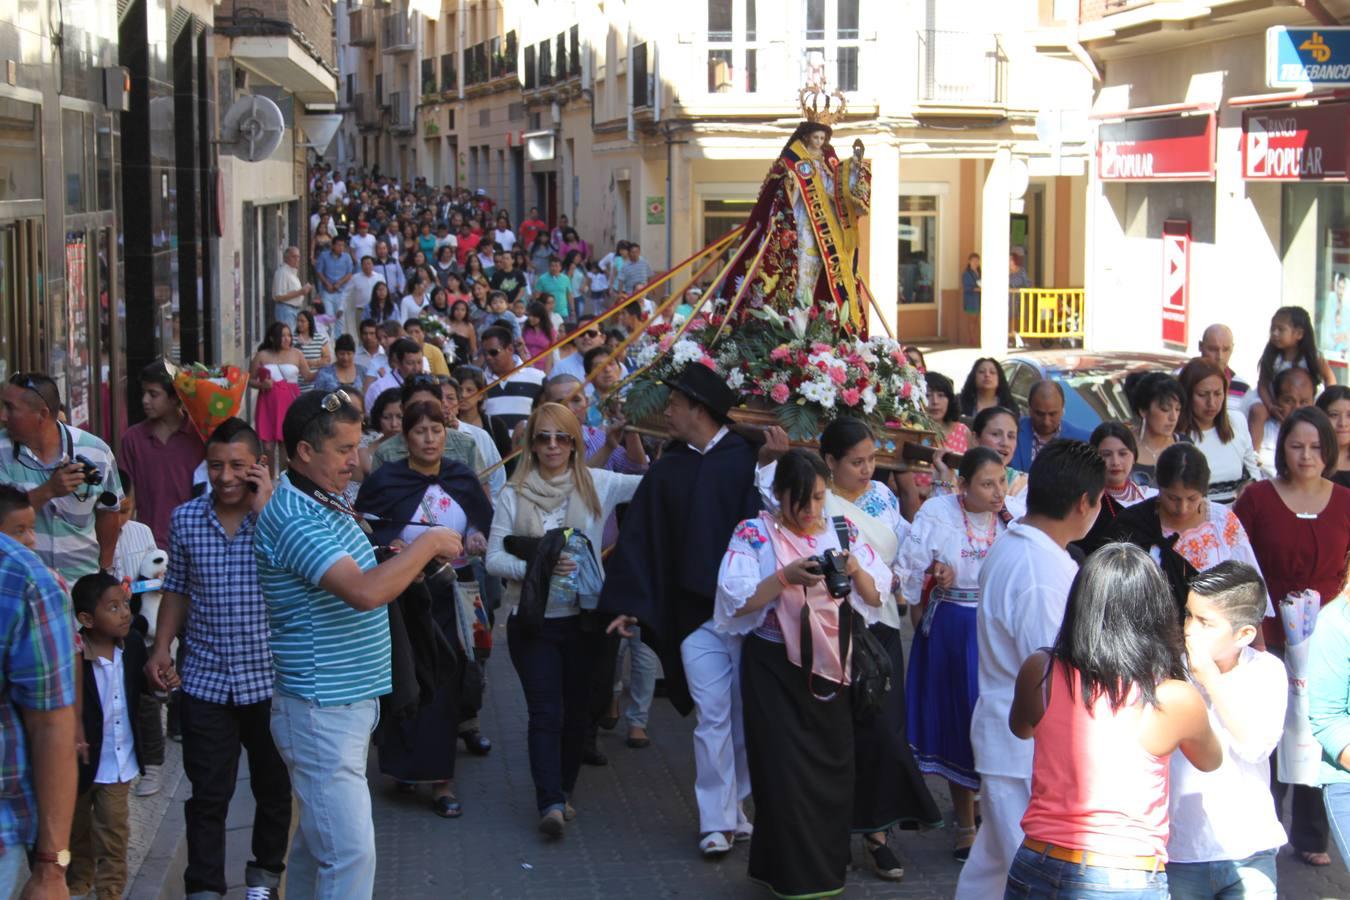 Fiesta de la Virgen del Cisne en Alfaro, la patrona de los ecuatorianos